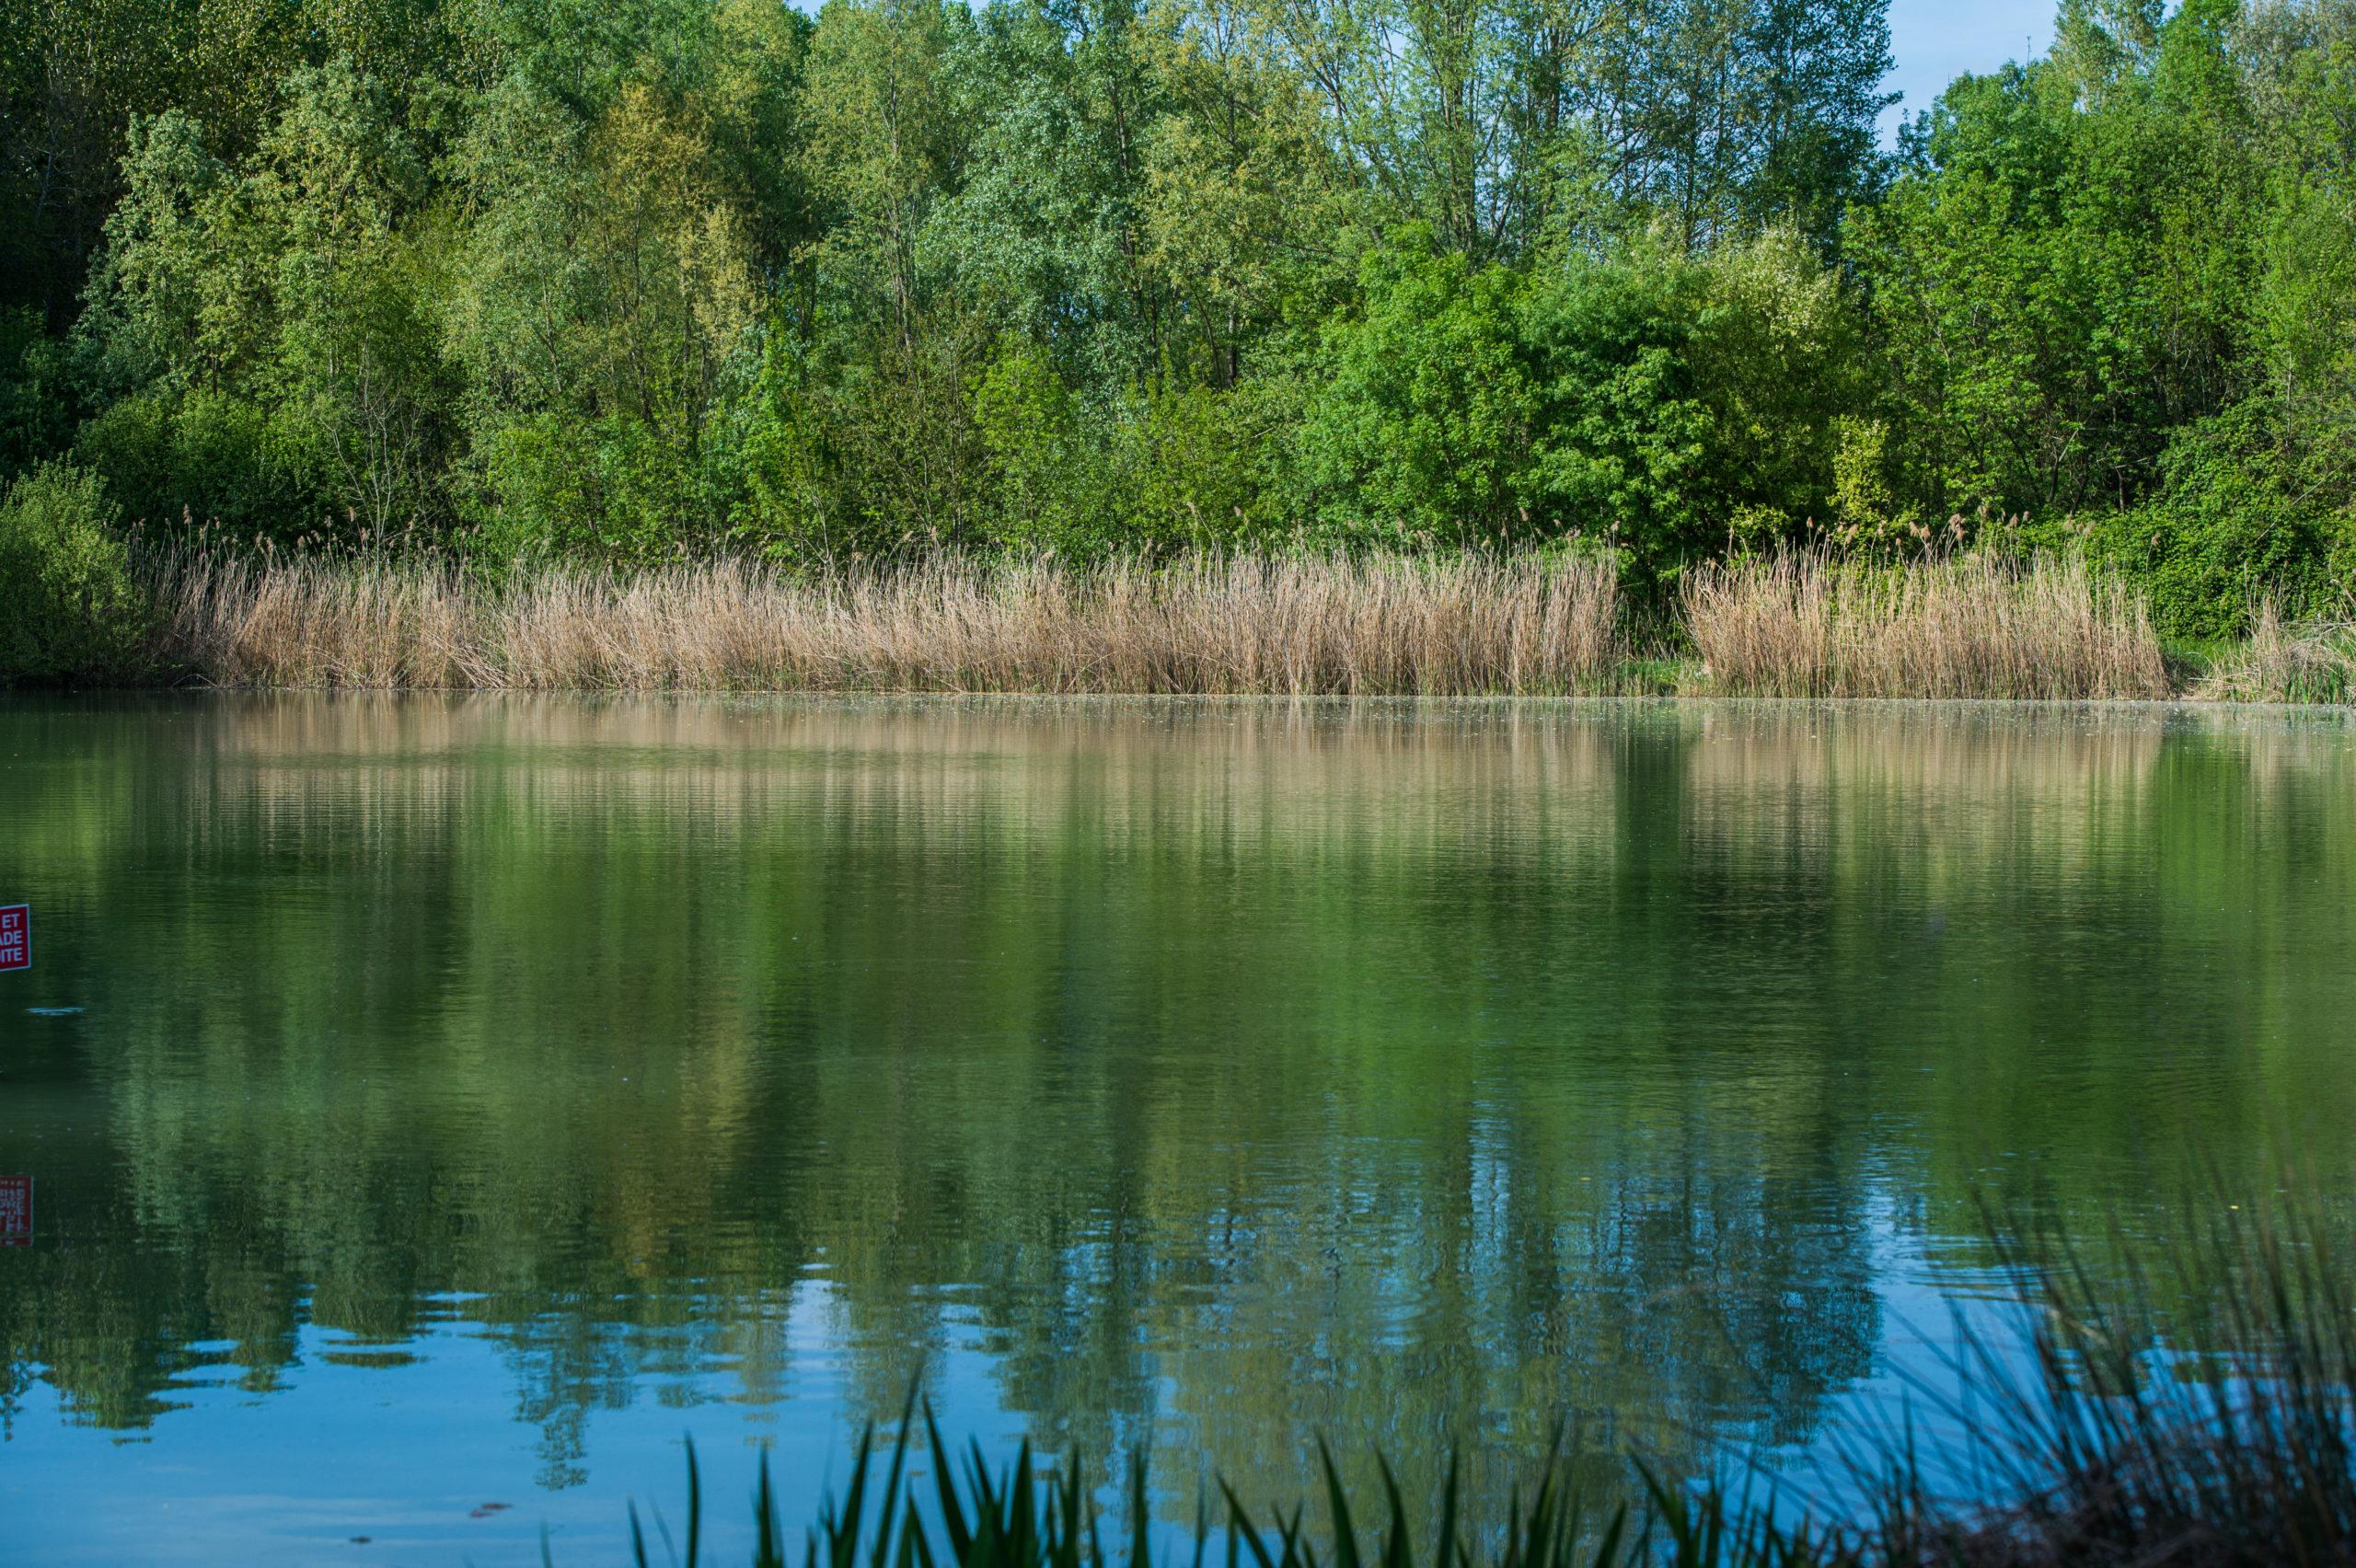 L'Agence de l'Eau Adour Garonne mène une action pédagogique indispensable sur le prix de l'eau